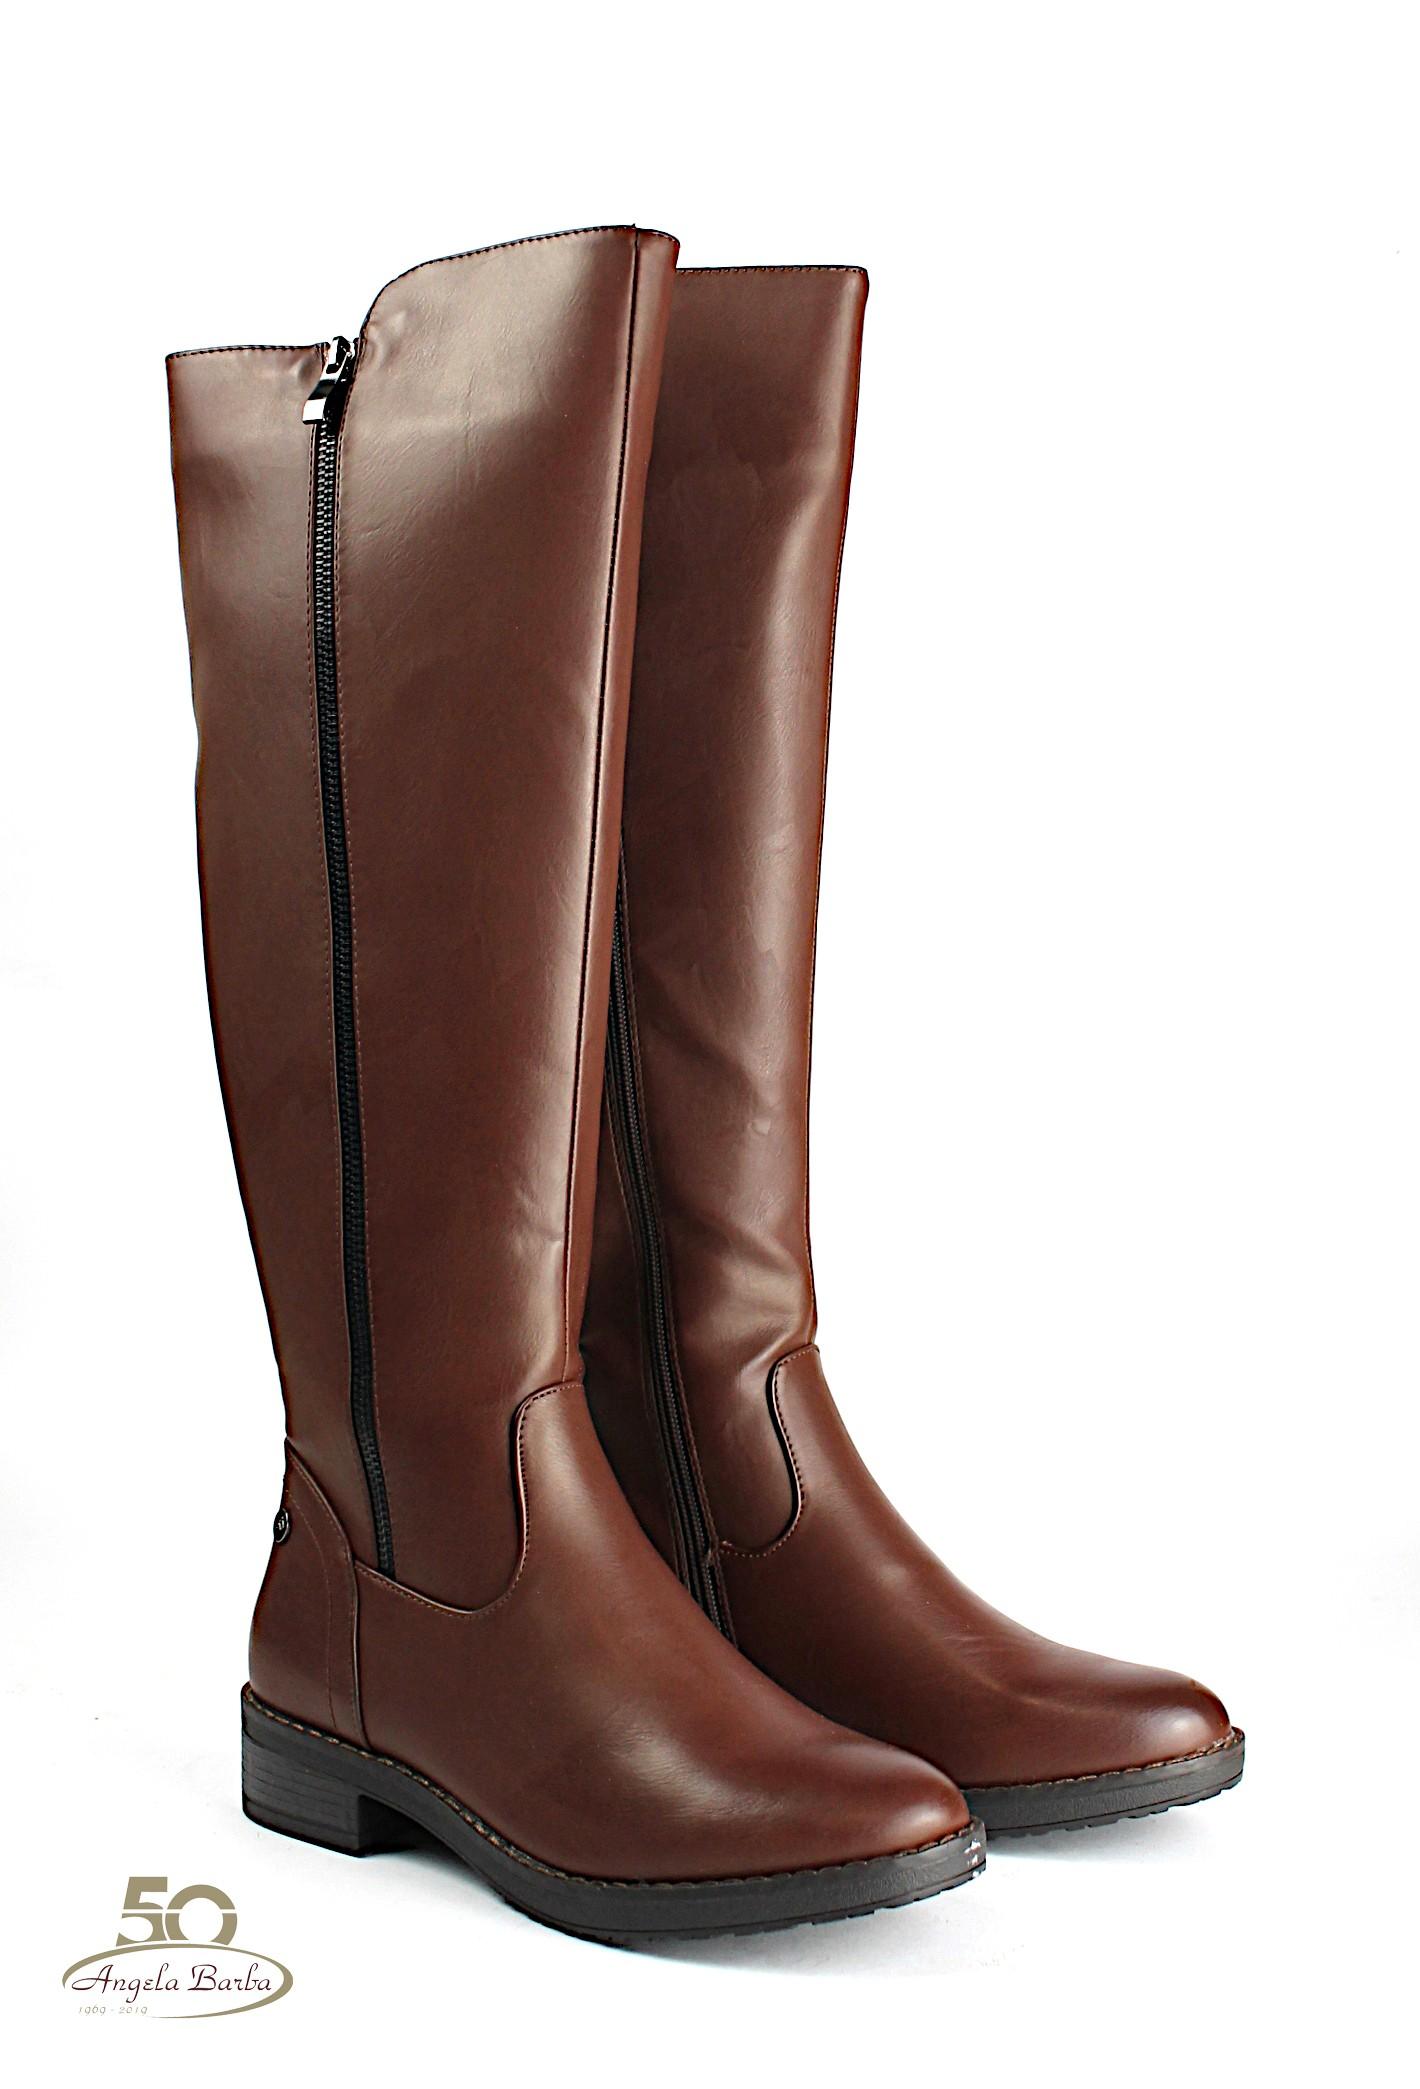 XTI stivali da donna alti al ginocchio con tacco basso Nero